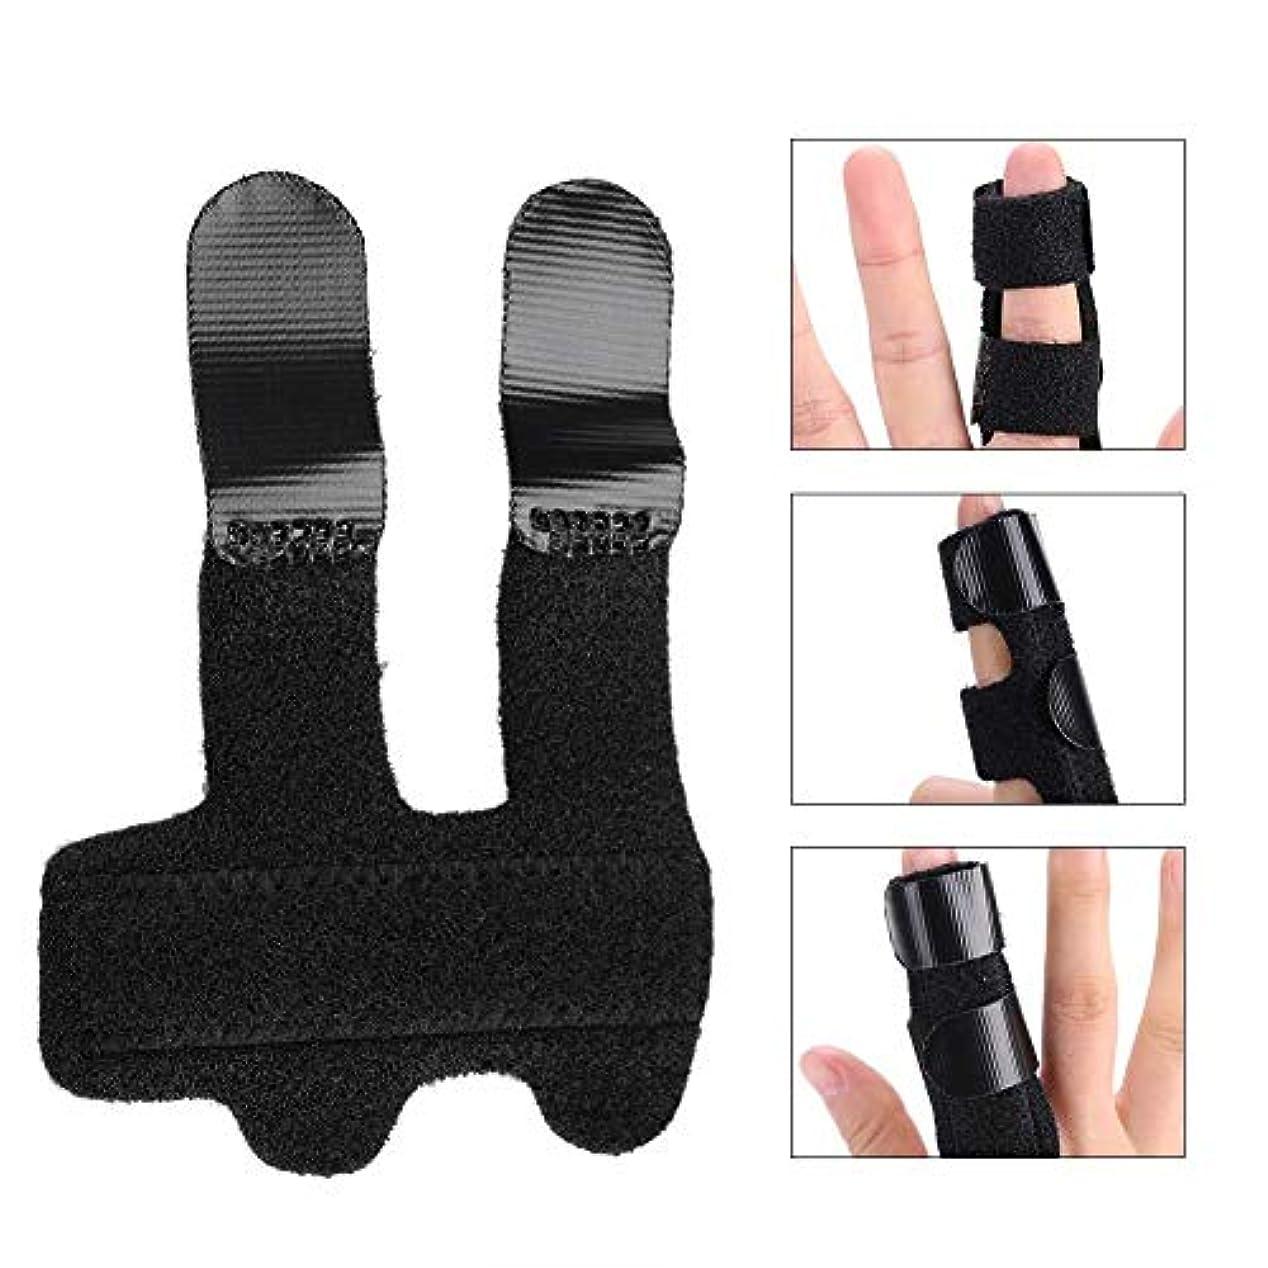 前書きアルカイックアクロバットフィンガー剛性、変形性関節症、捻挫指の関節の痛みを軽減するためのばね指スプリント、指拡張添え木指ブレース/指矯正ブレース/ばね指サポーター